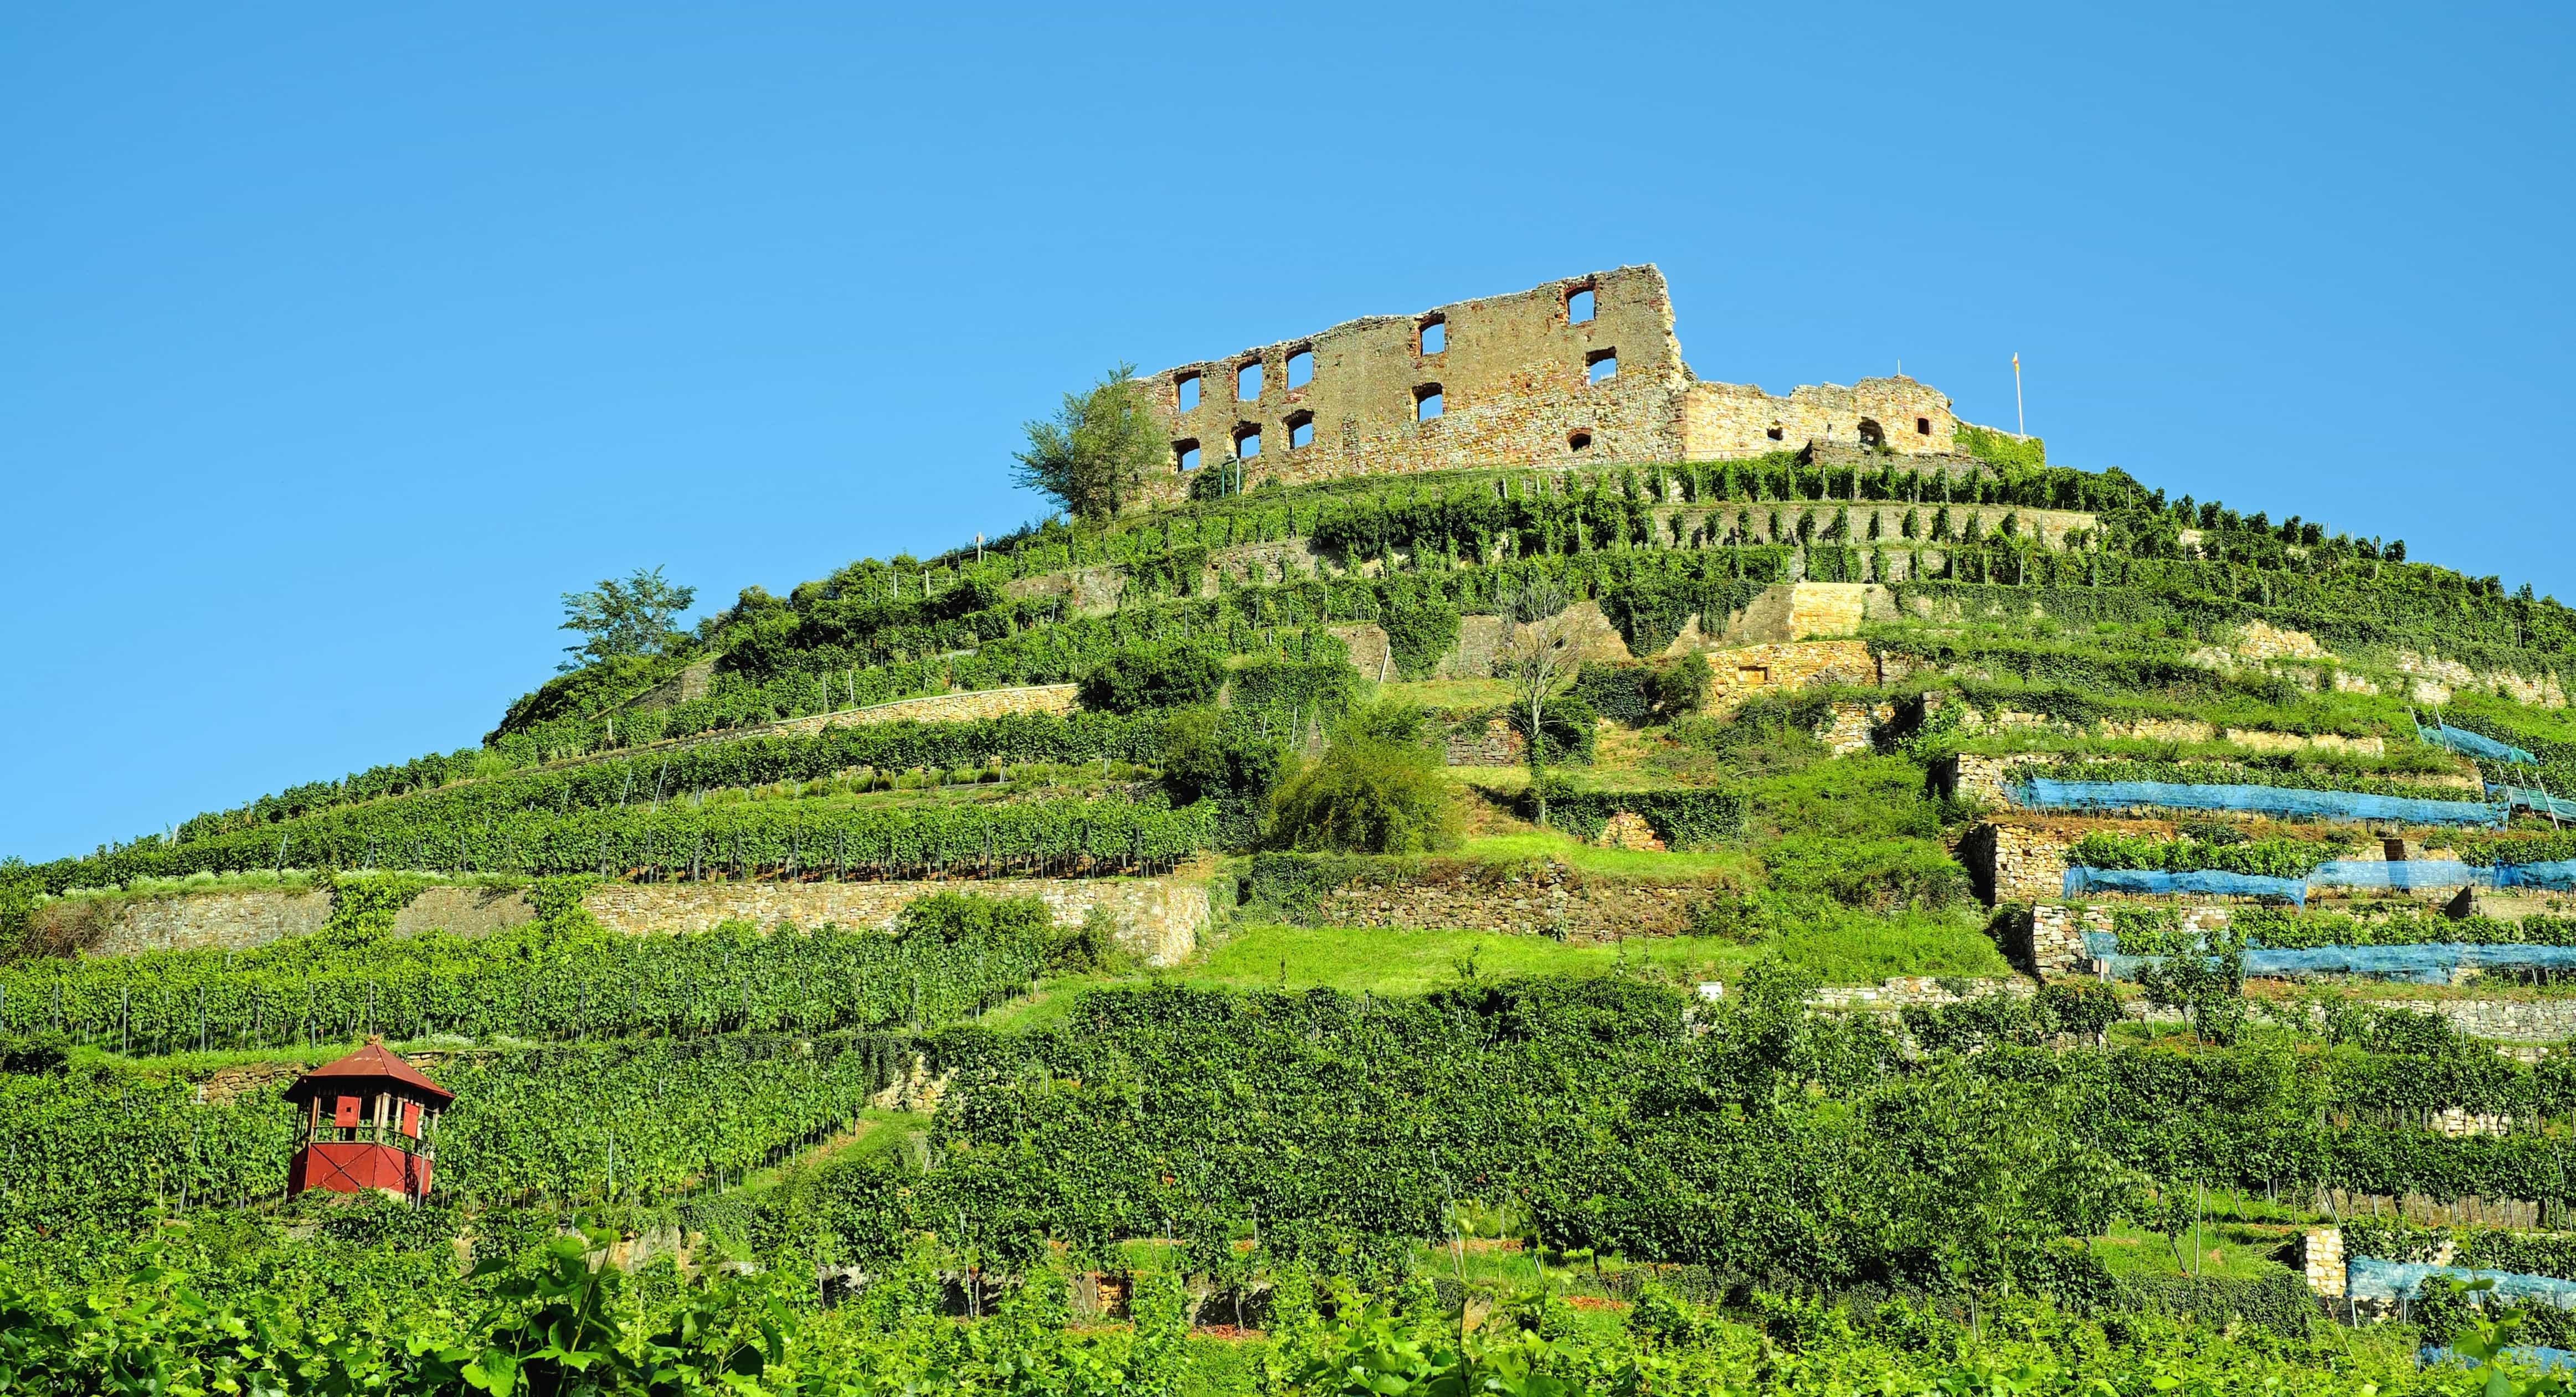 Foto gratis architettura agricoltura collina paesaggio